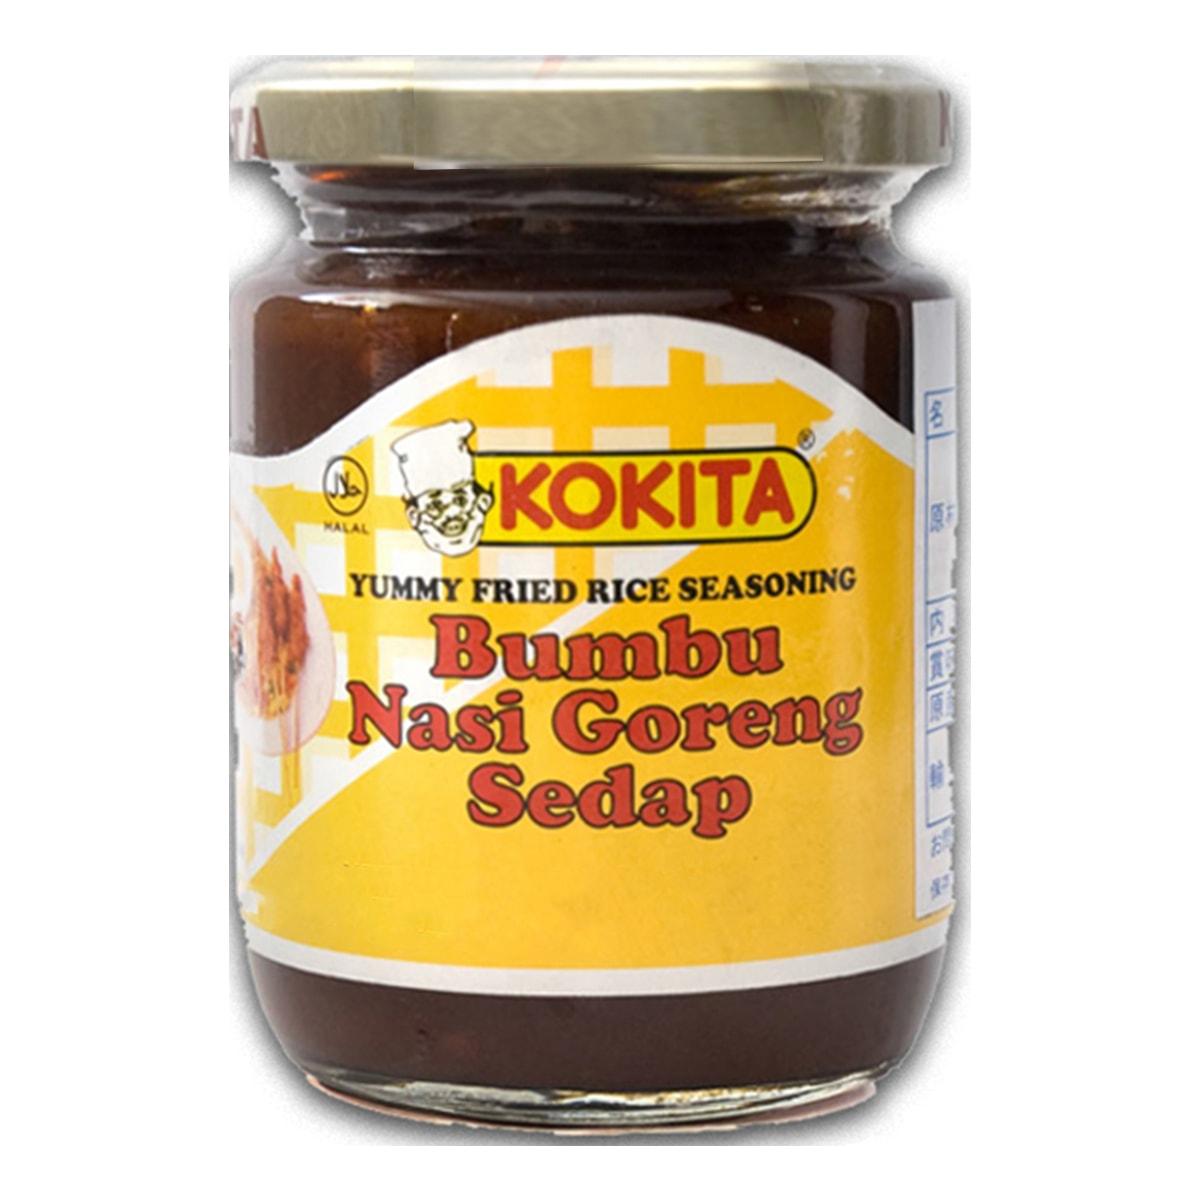 Buy Kokita Bumbu Nasi Goreng Sedap (Yummy Fried Rice Seasoning) - 240 gm